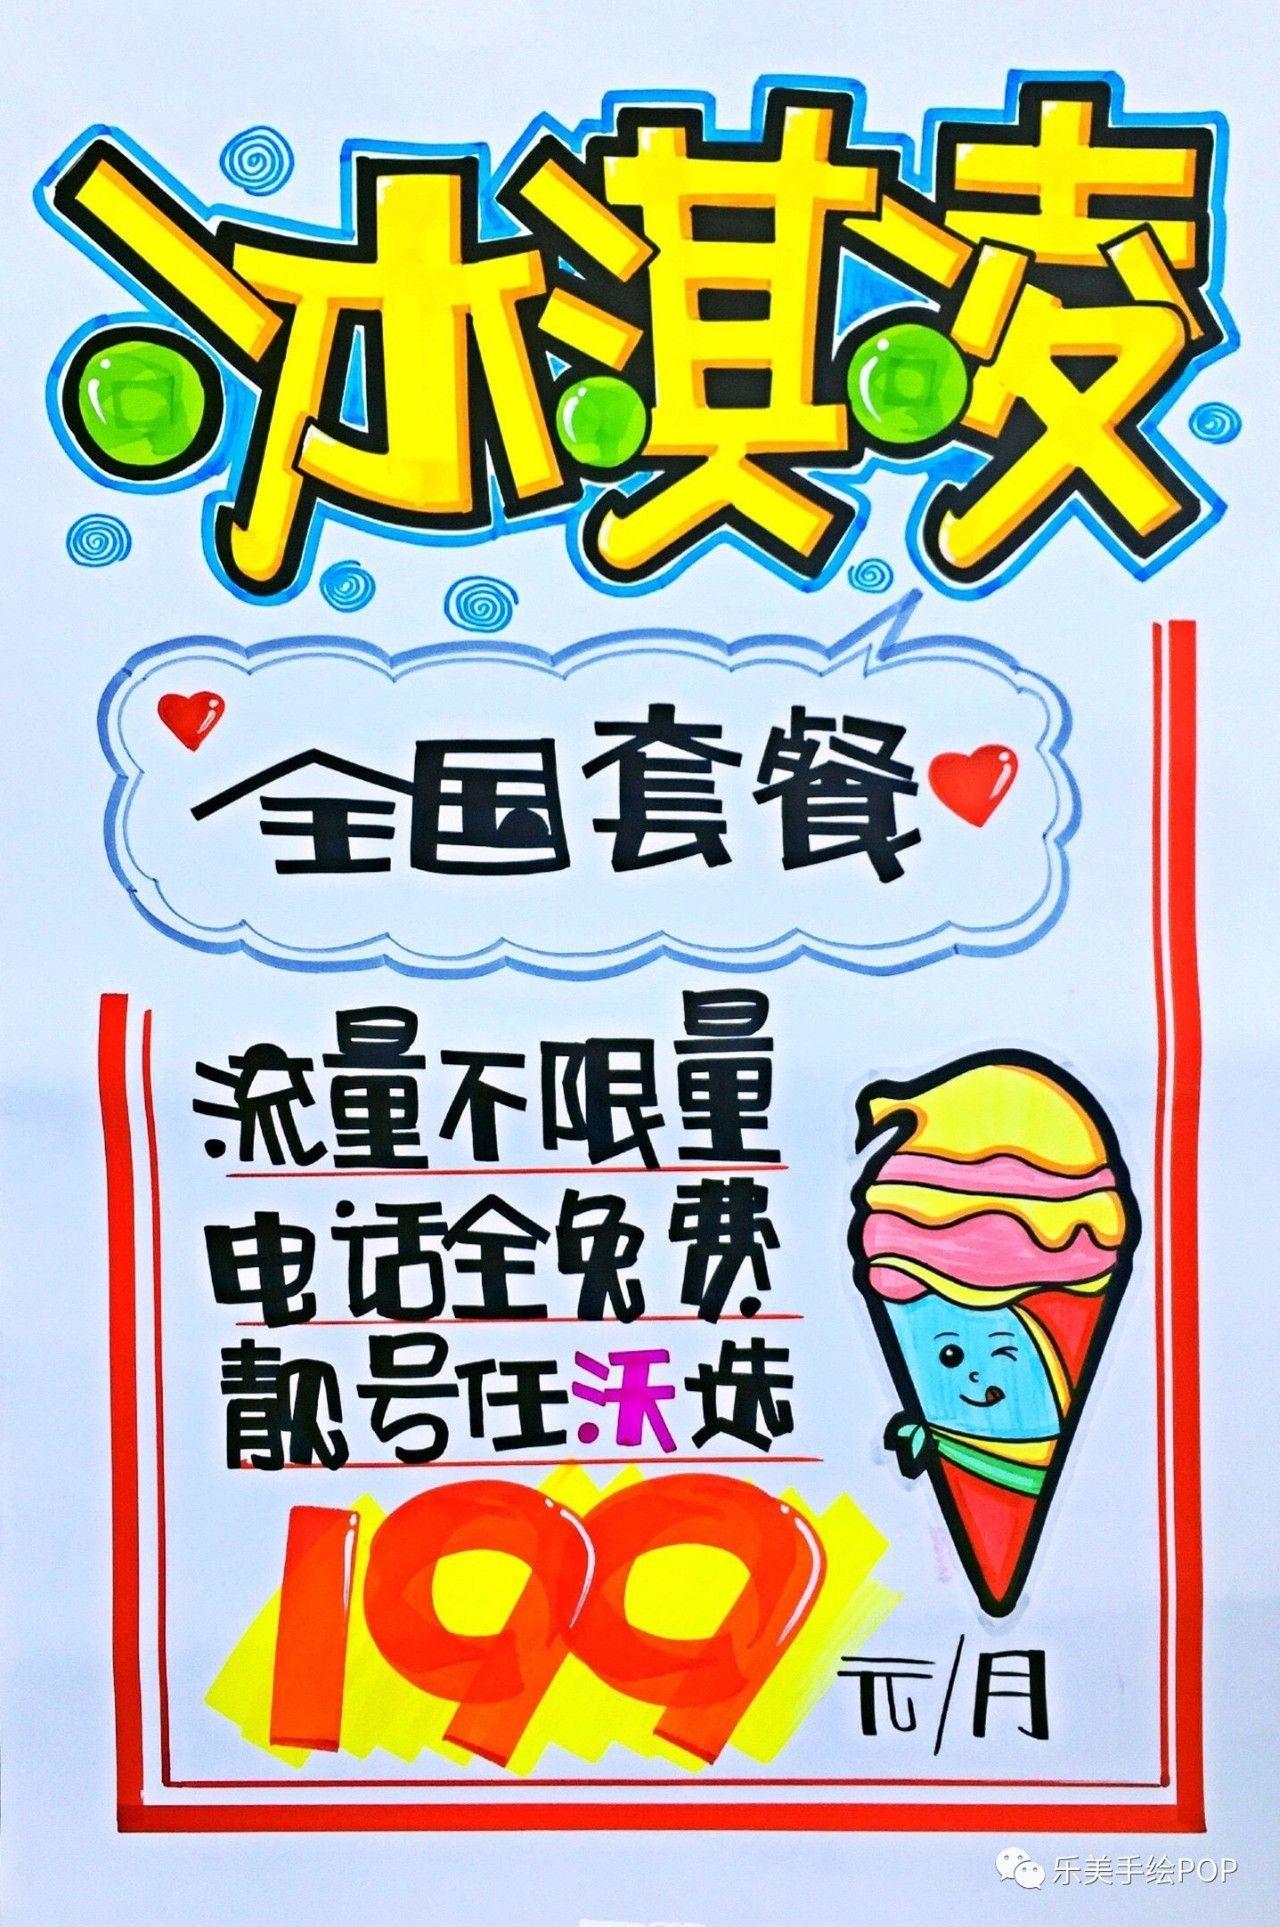 联通冰激凌套餐 手绘pop海报